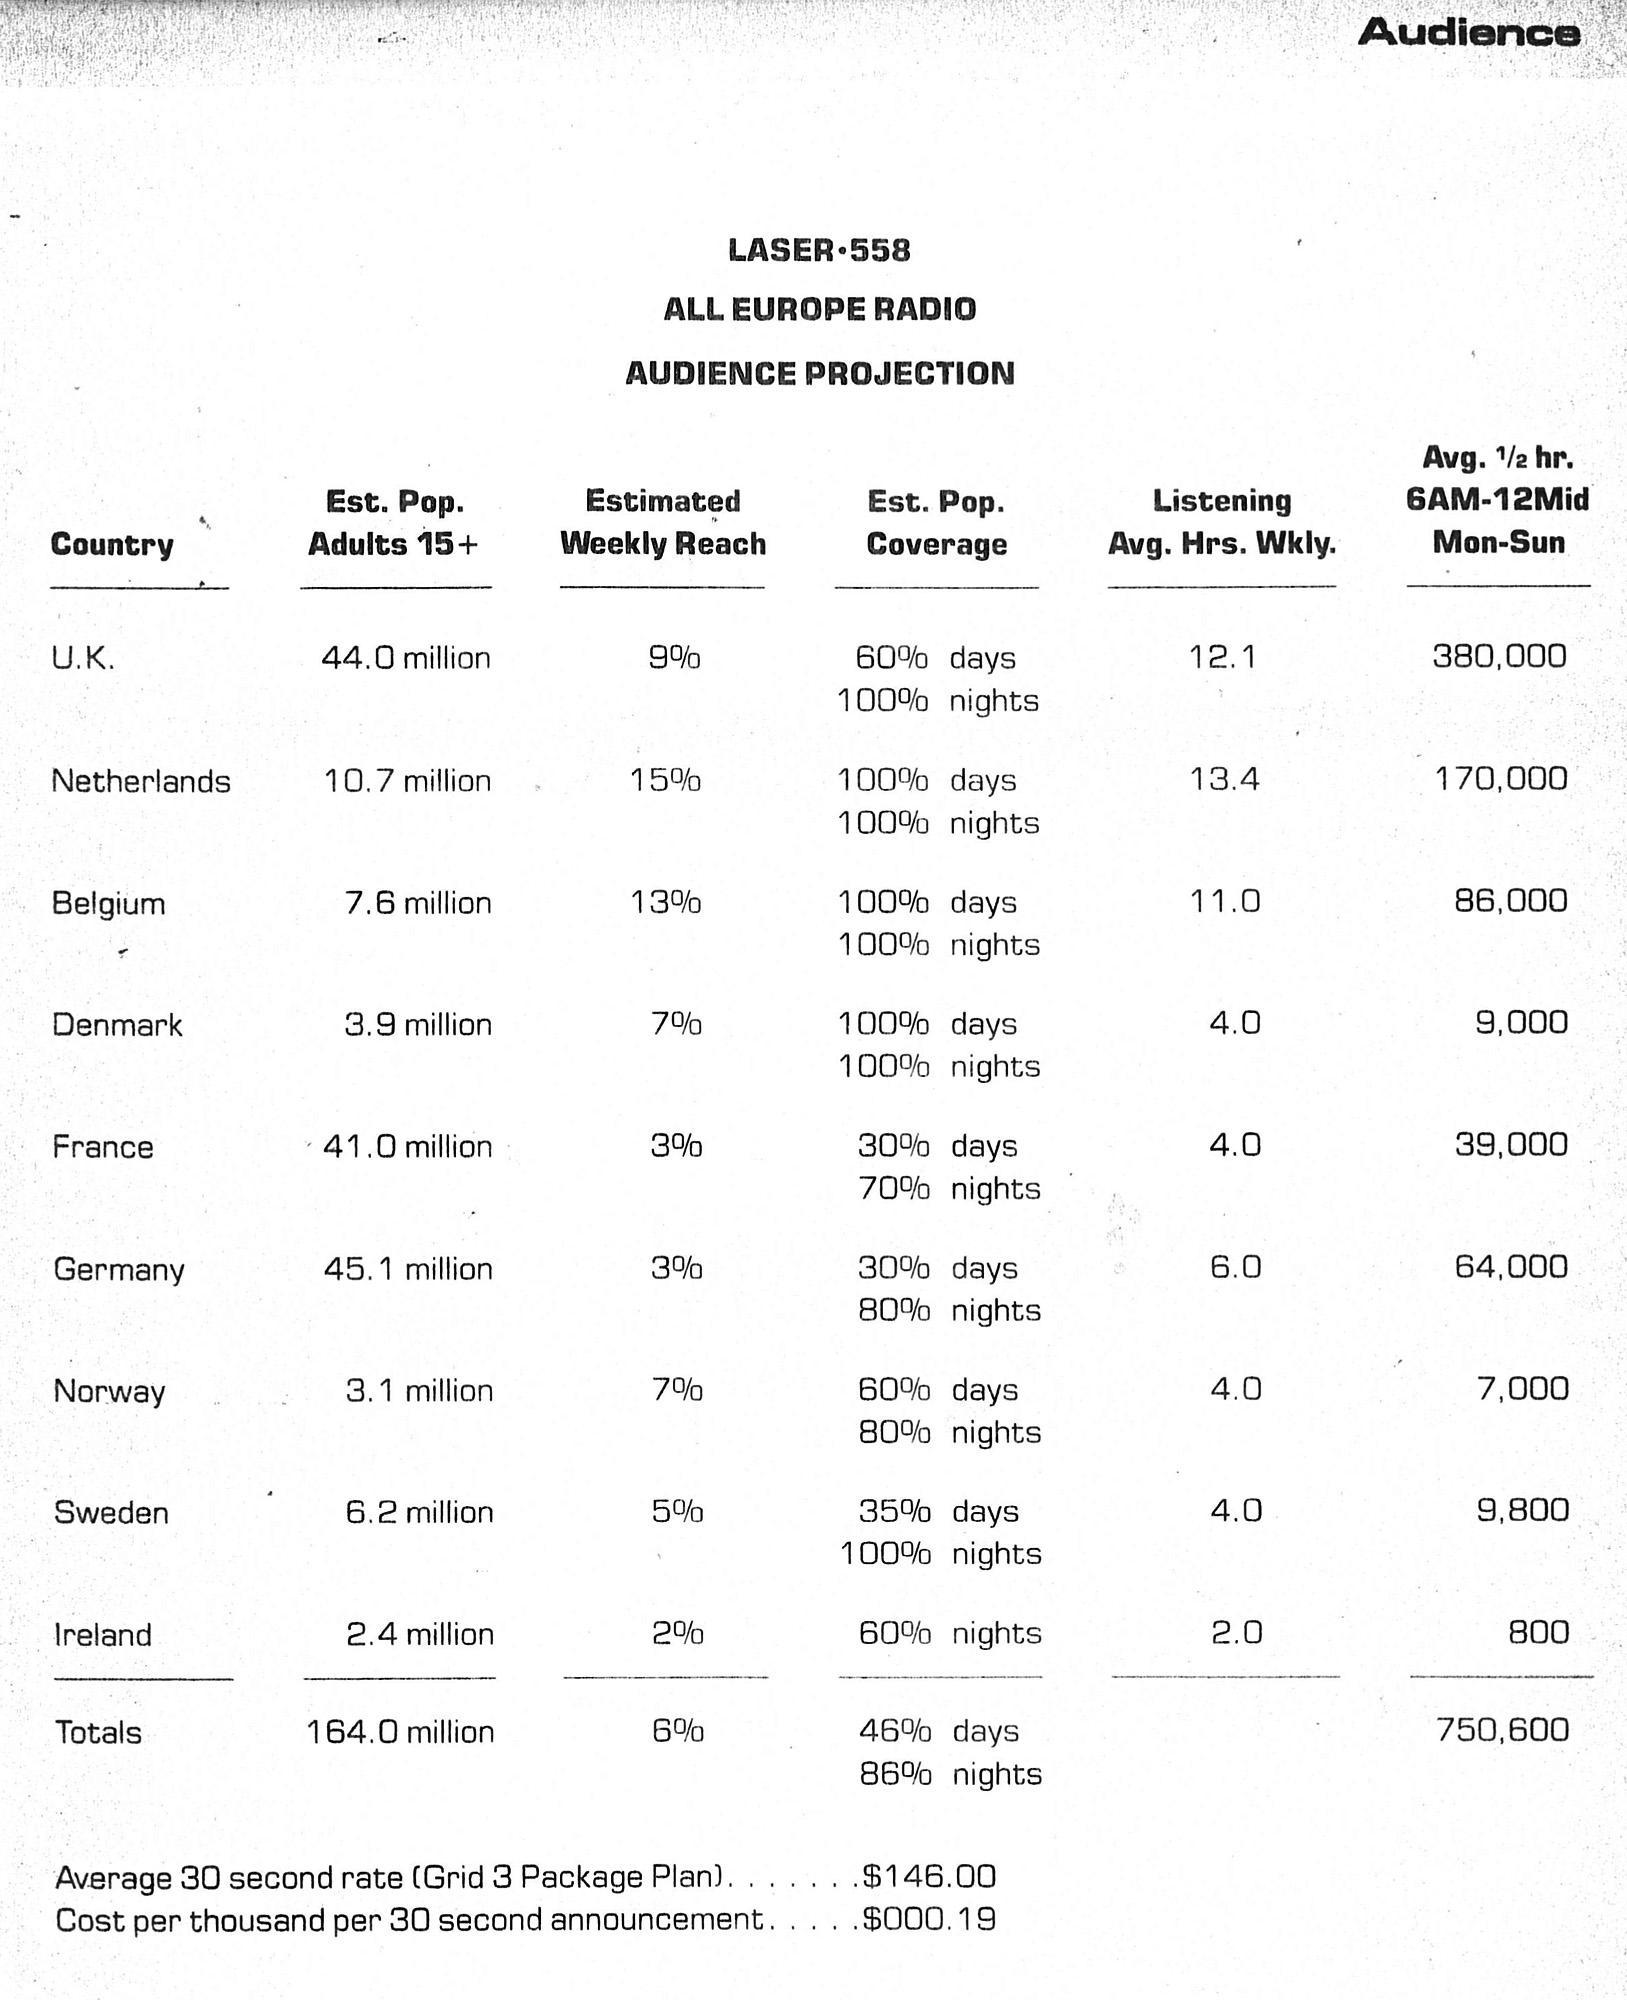 19831201 Press release Laser 558 07.jpg